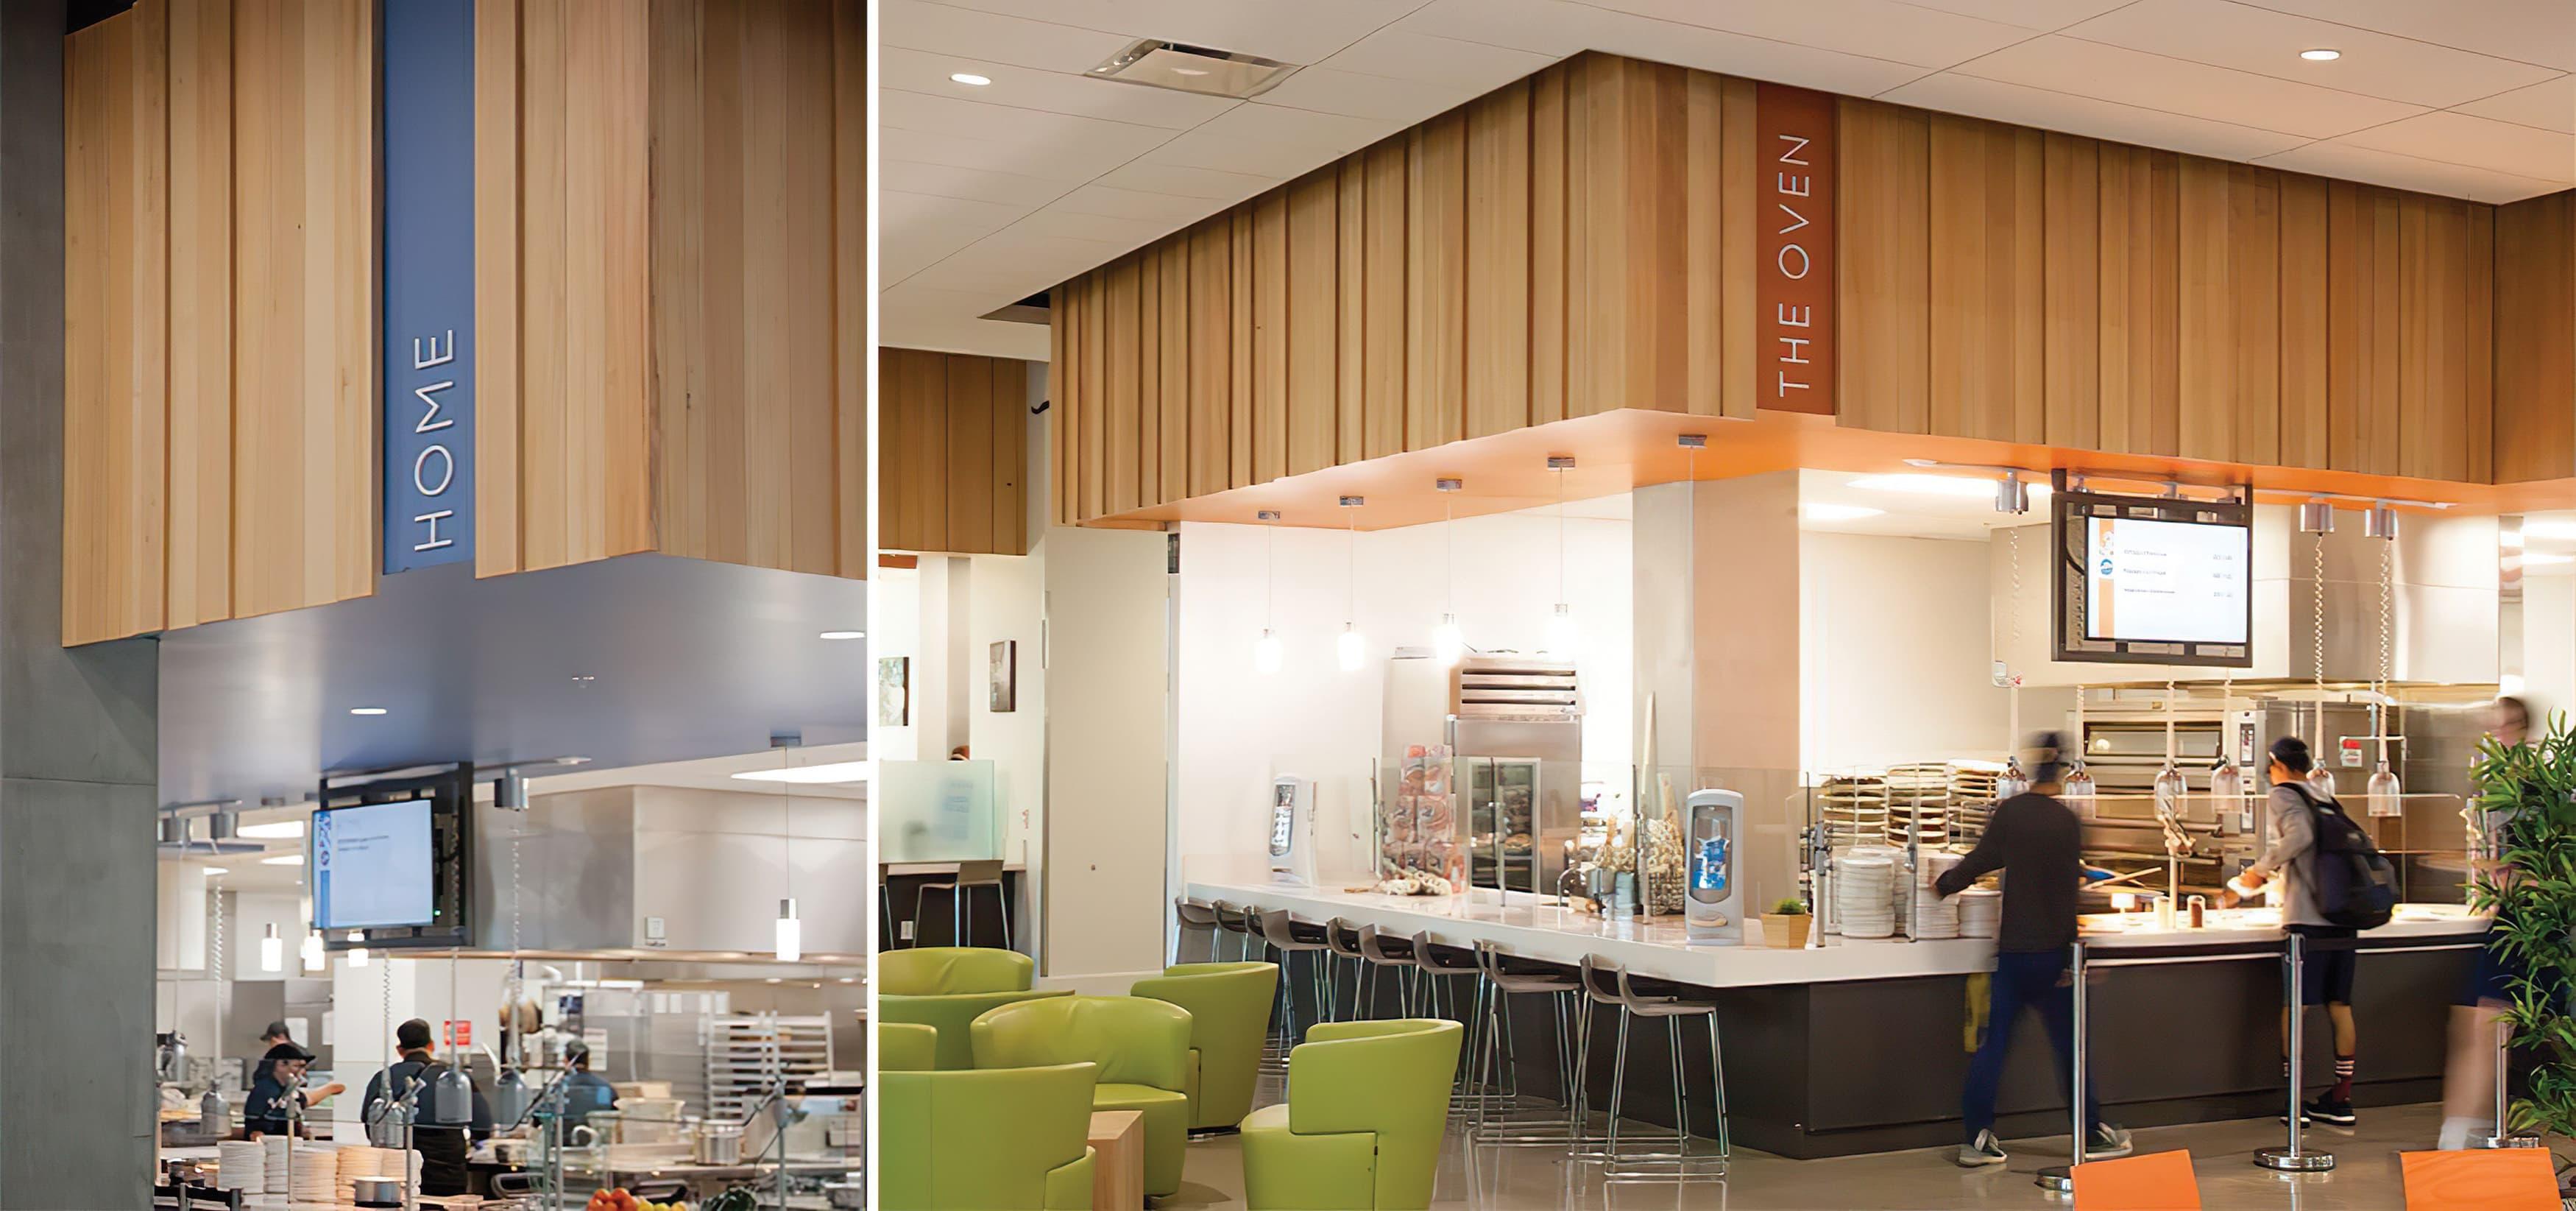 Mesa Court, located in University of California, Irvine campus. On-campus residential buildings. Cafeteria Interior Design. Signage Design.